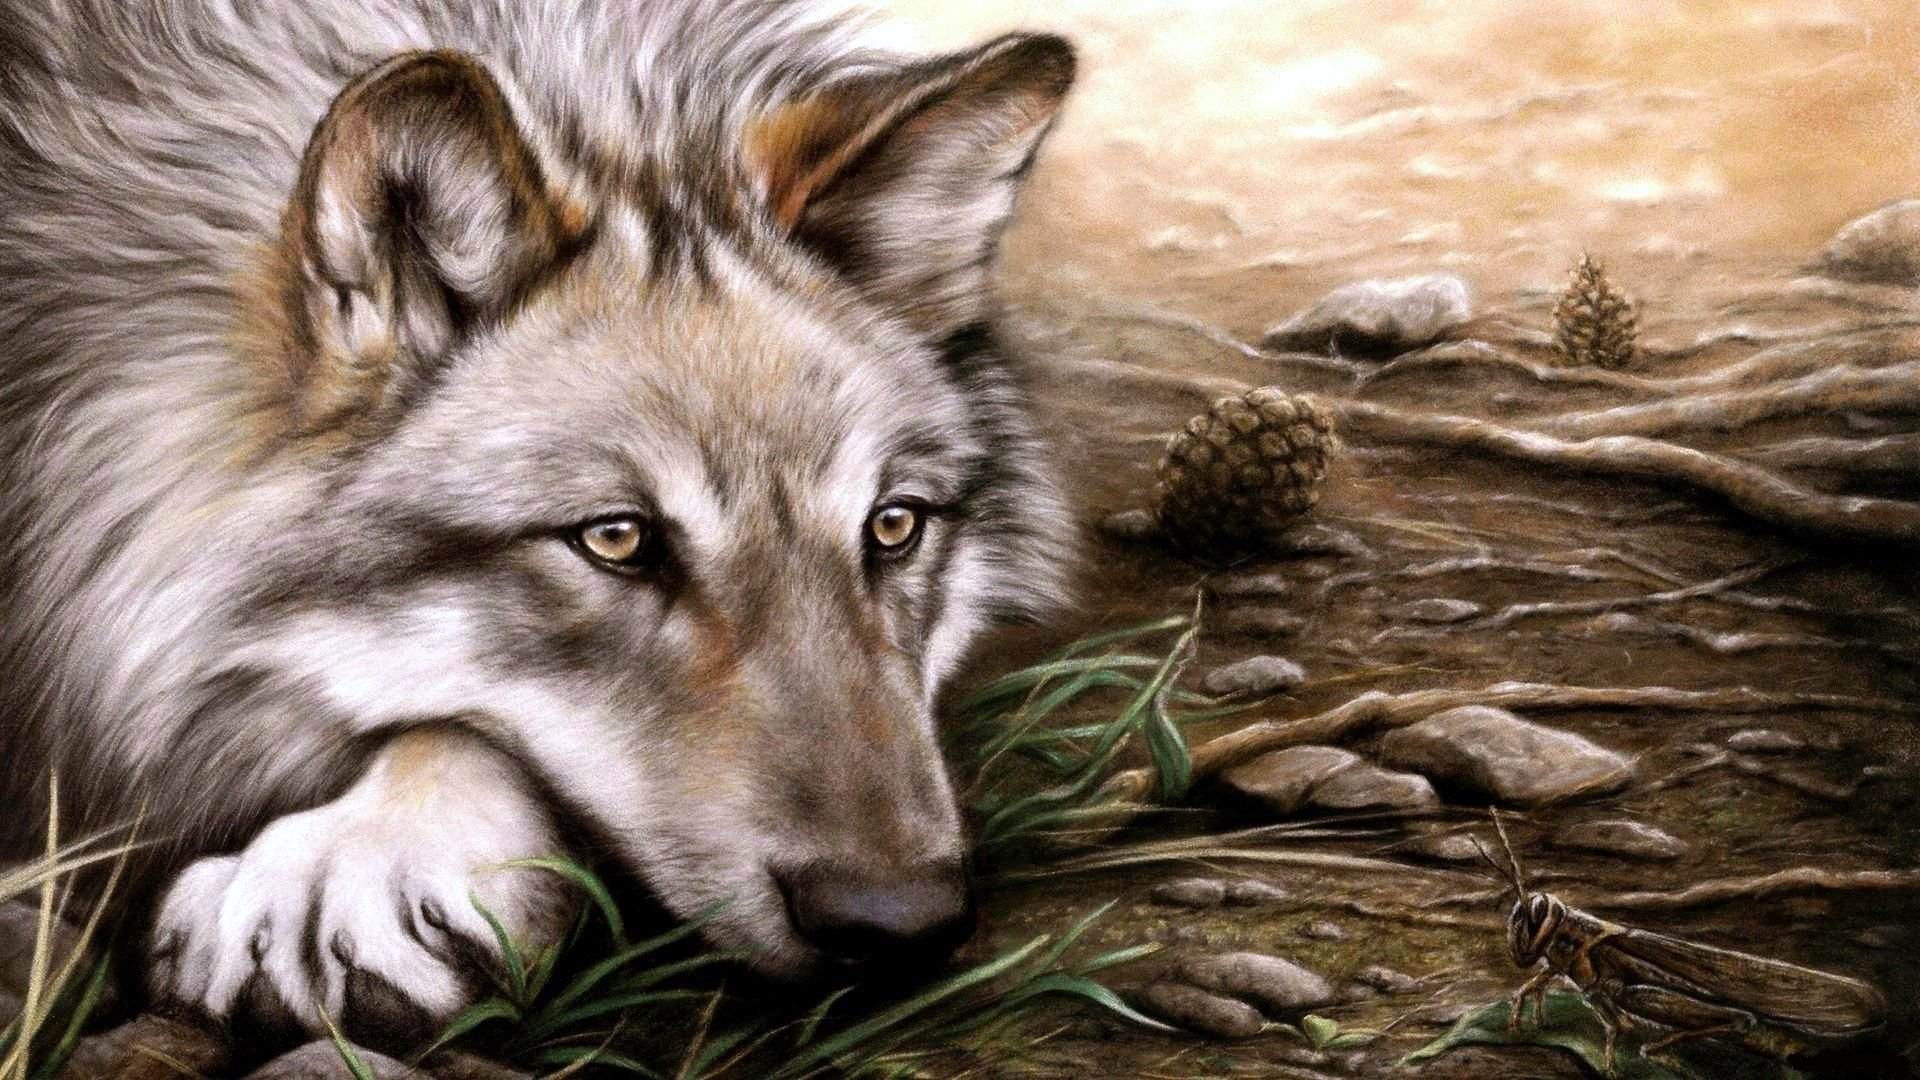 Картинки Волки скачать на рабочий стол бесплатно (1)